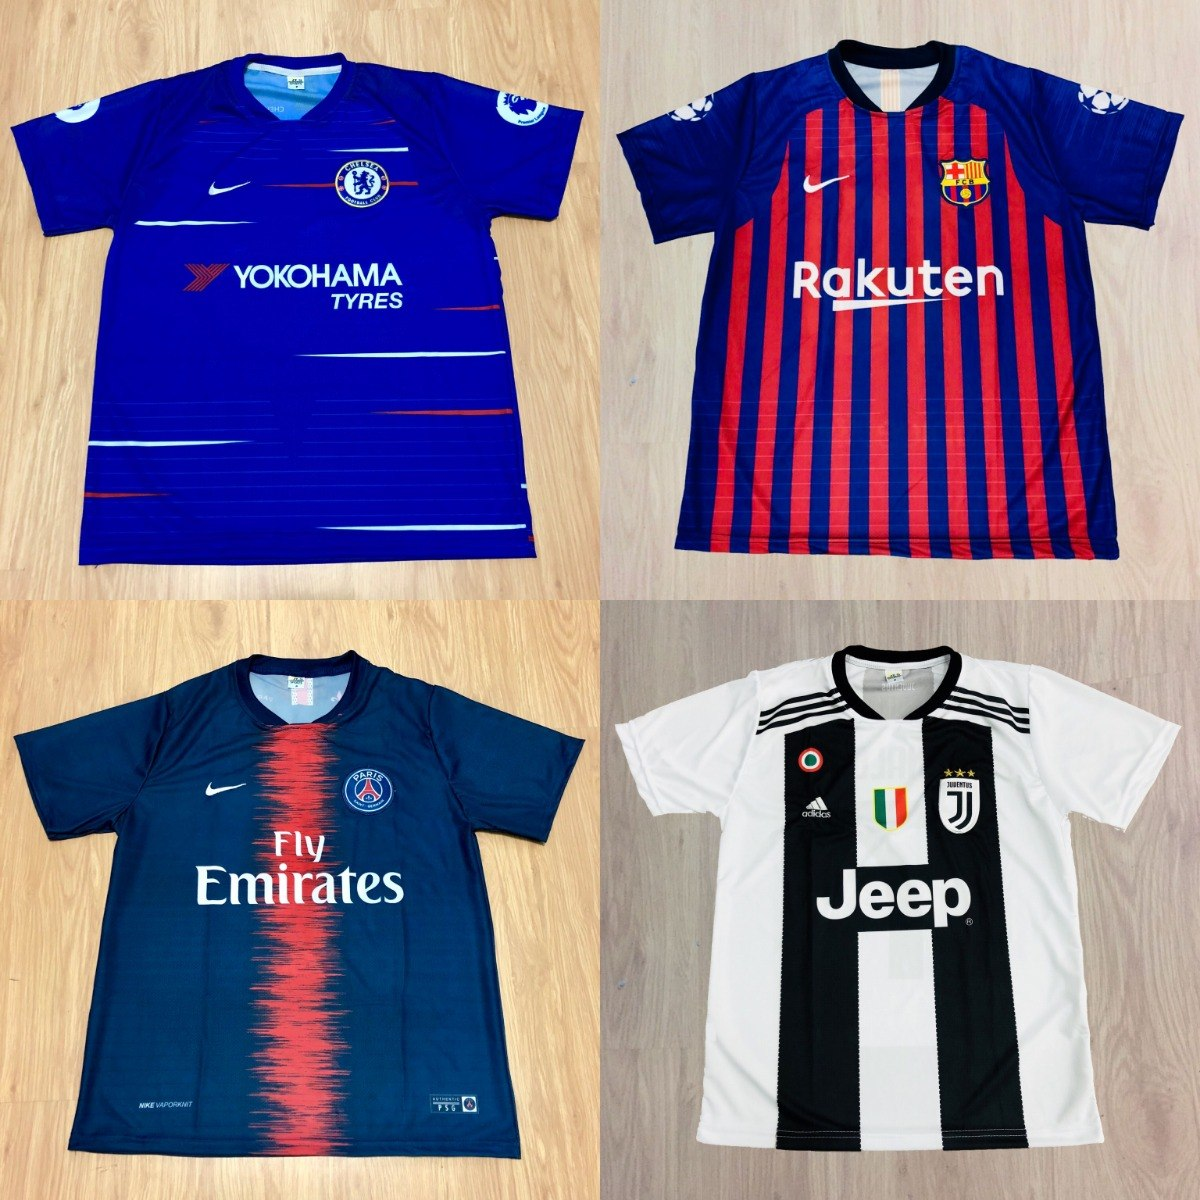 kit 7 camisas futebol 100 modelos diferentes 2018 atacado. Carregando zoom. c1580c11a7d9f